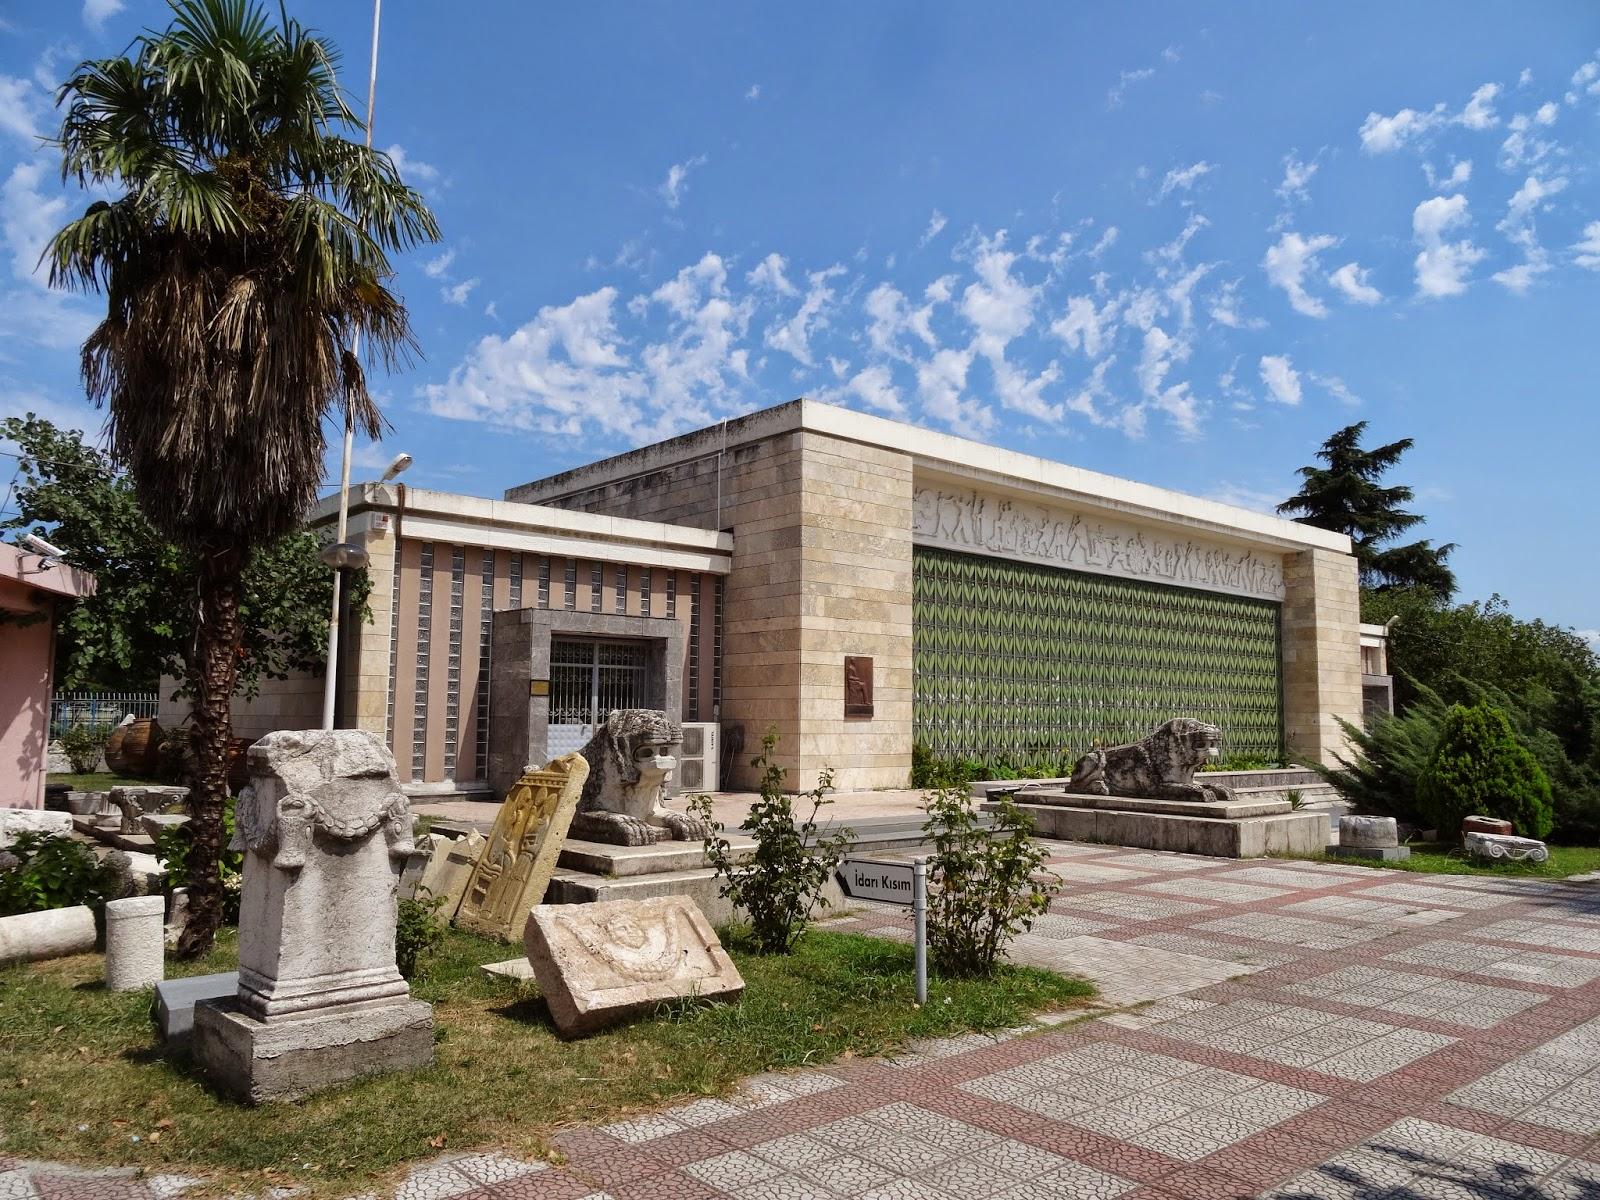 متحف سامسون للتاريخ والاثنوغرافيا